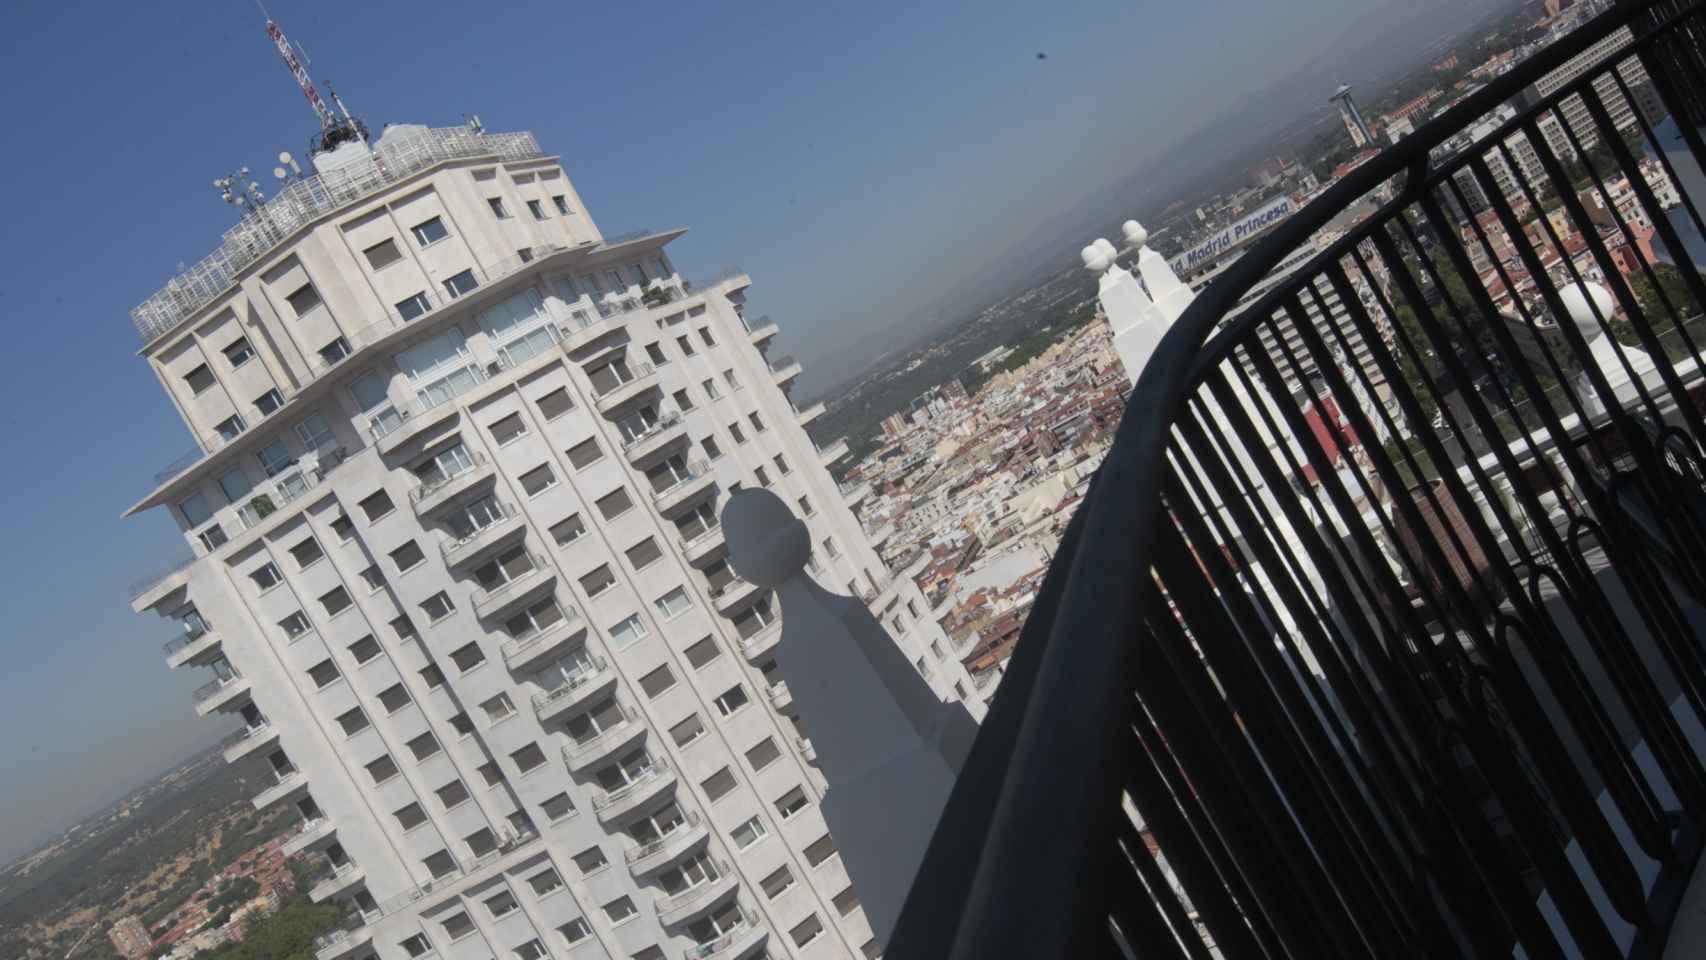 Imagen tomada en el ático del hotel RIU Plaza España.